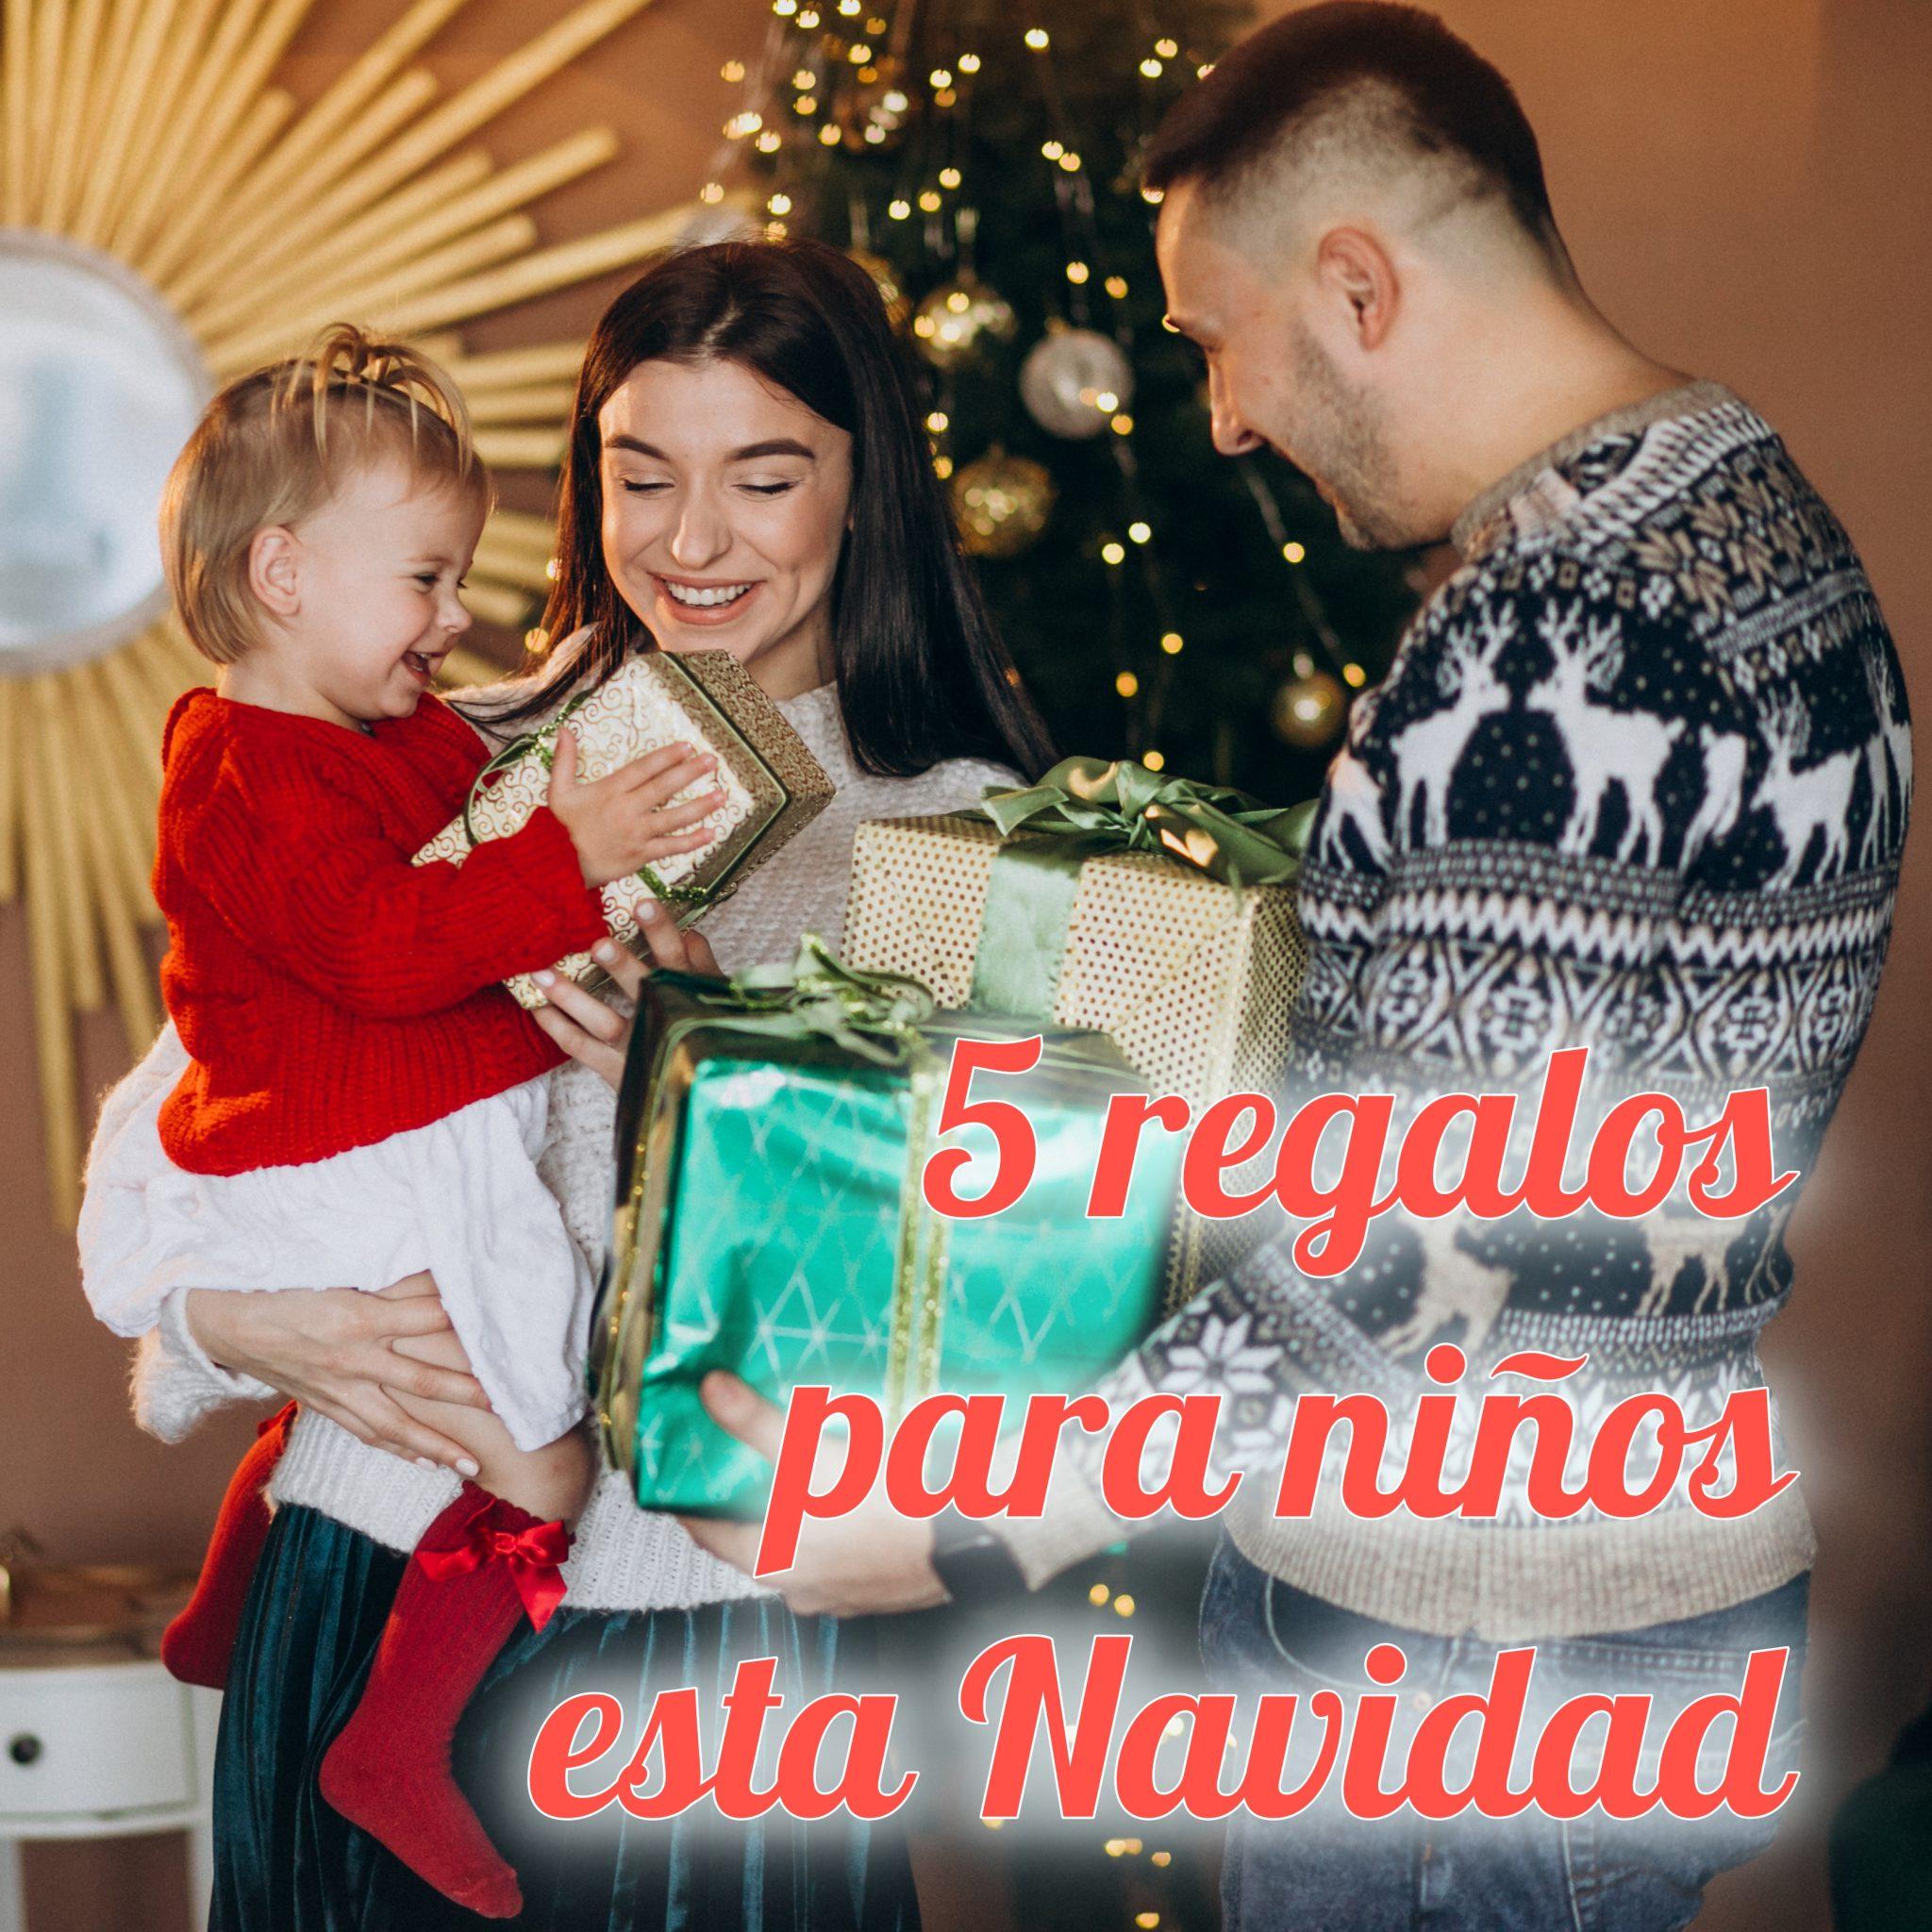 5 regalos estrella para niños esta Navidad